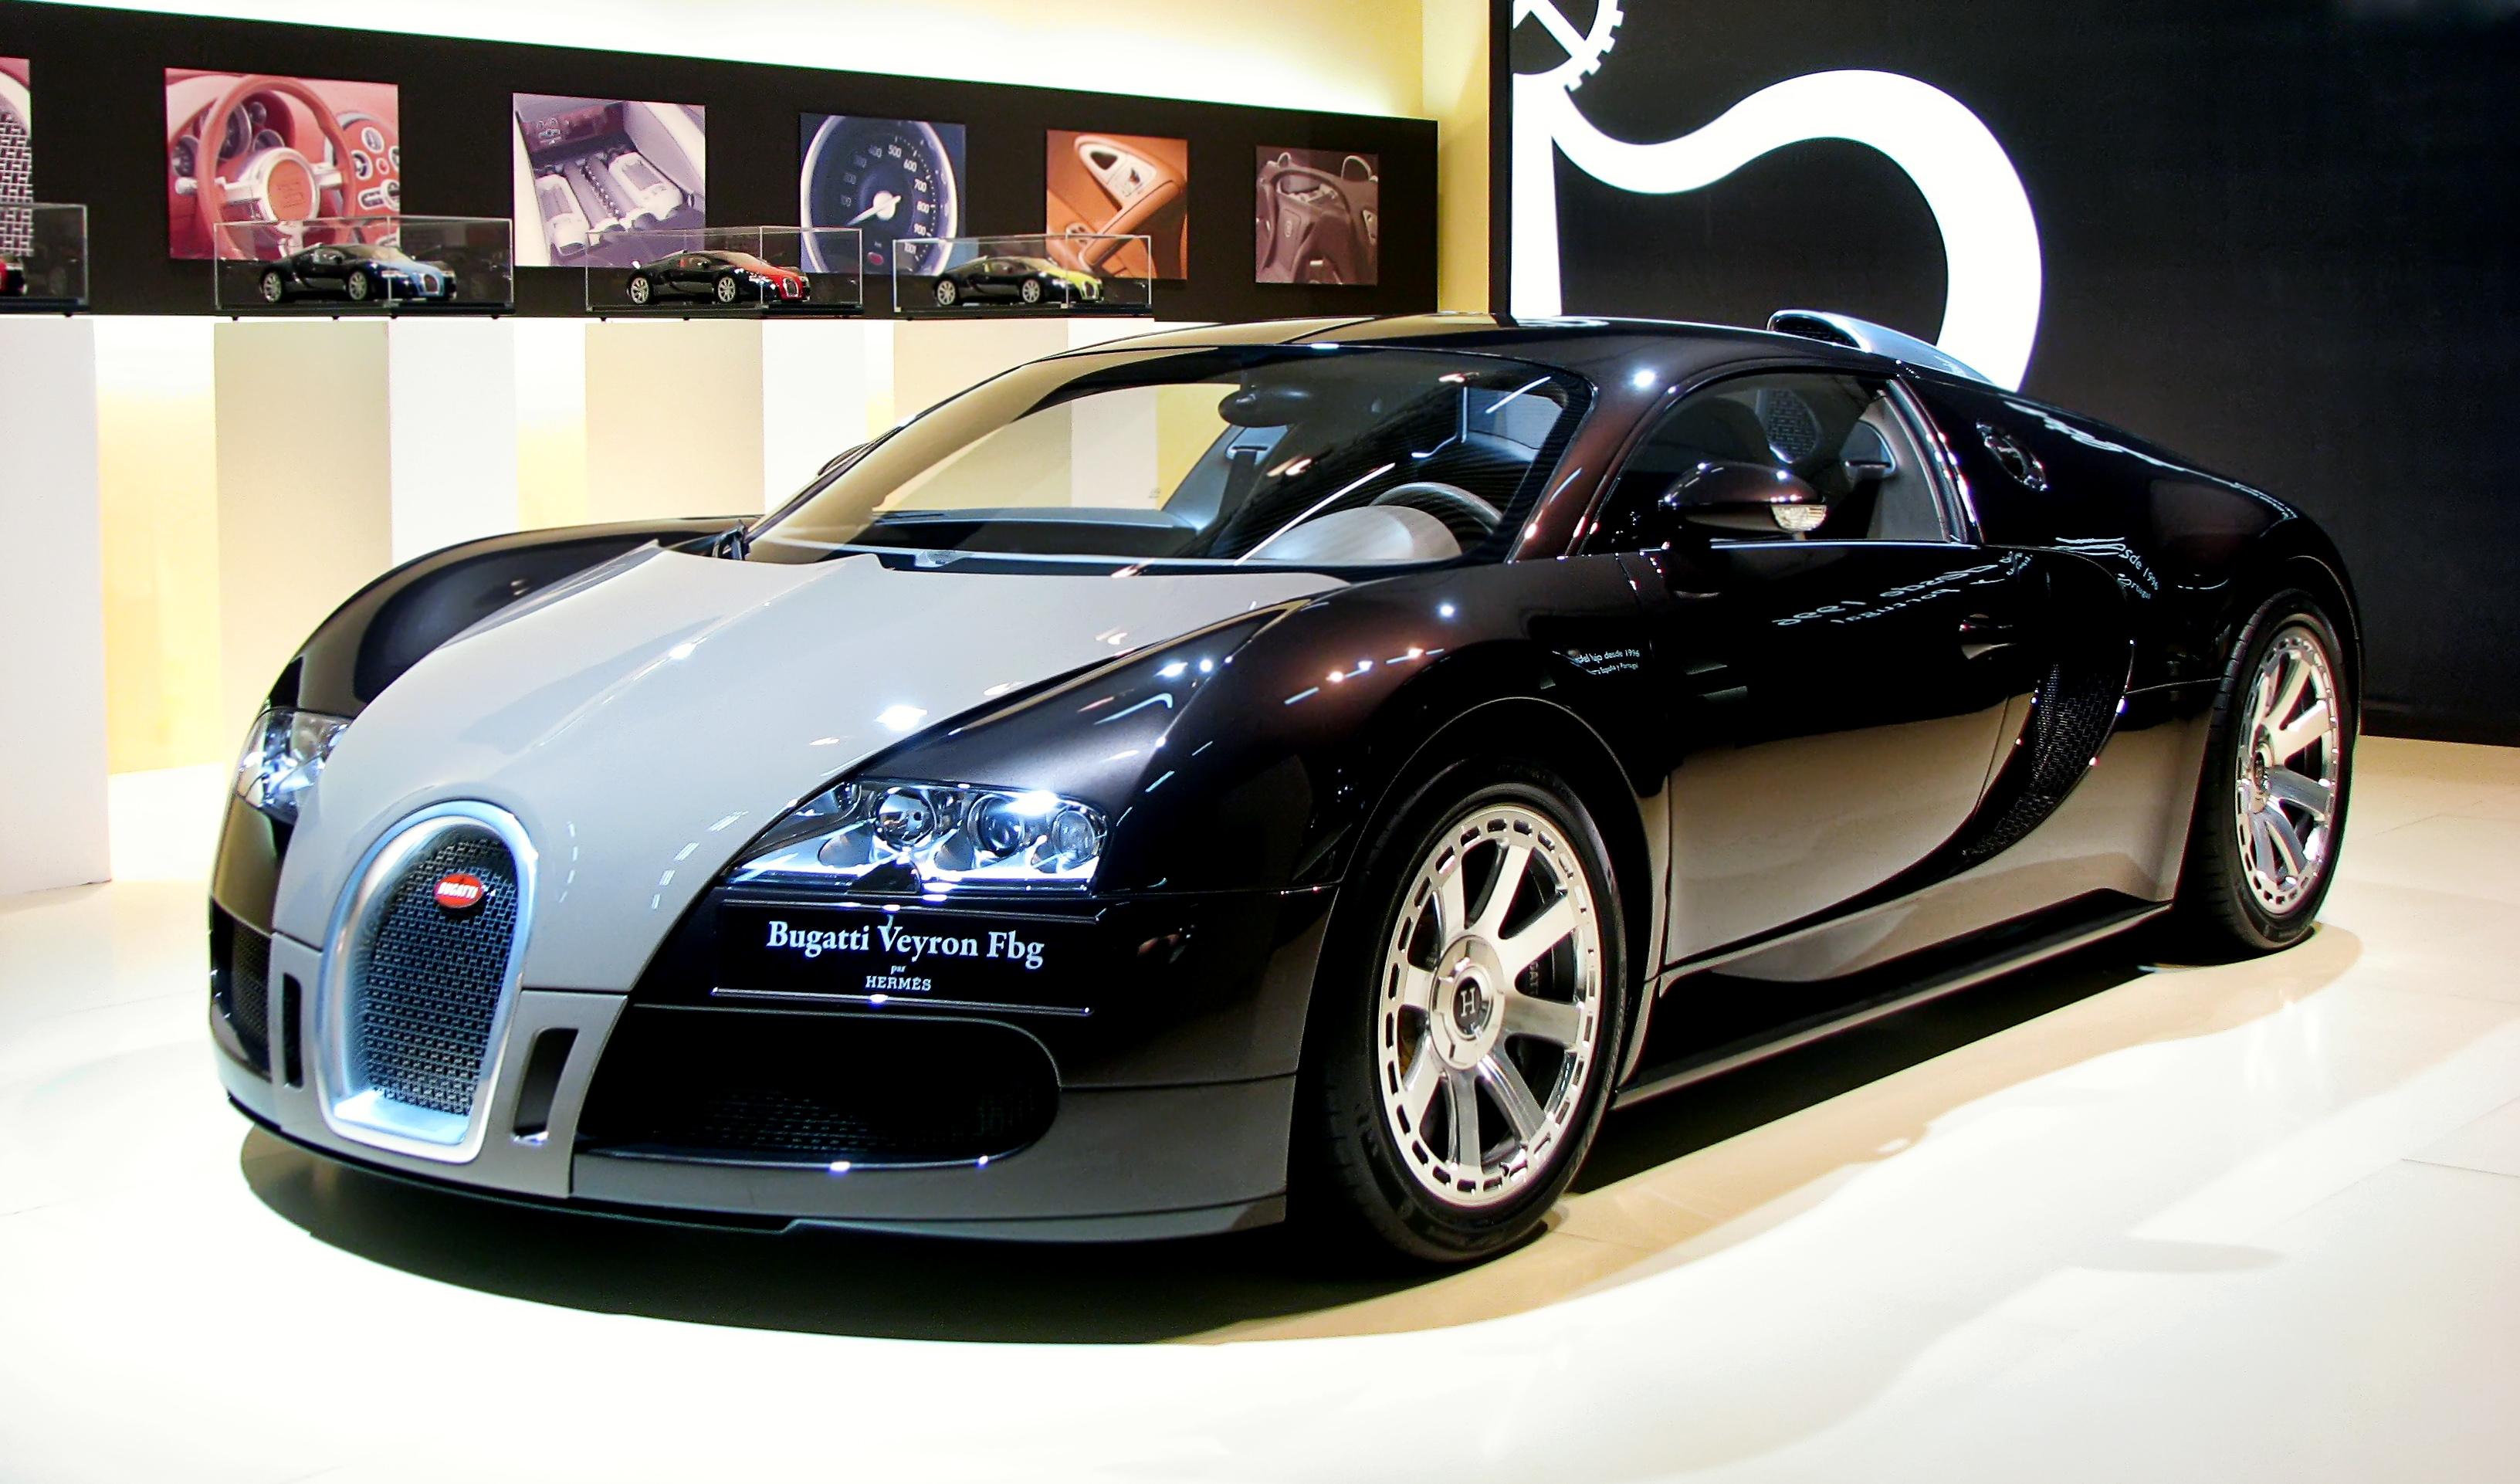 Bugatti Veyron   BCN motorshow 2009